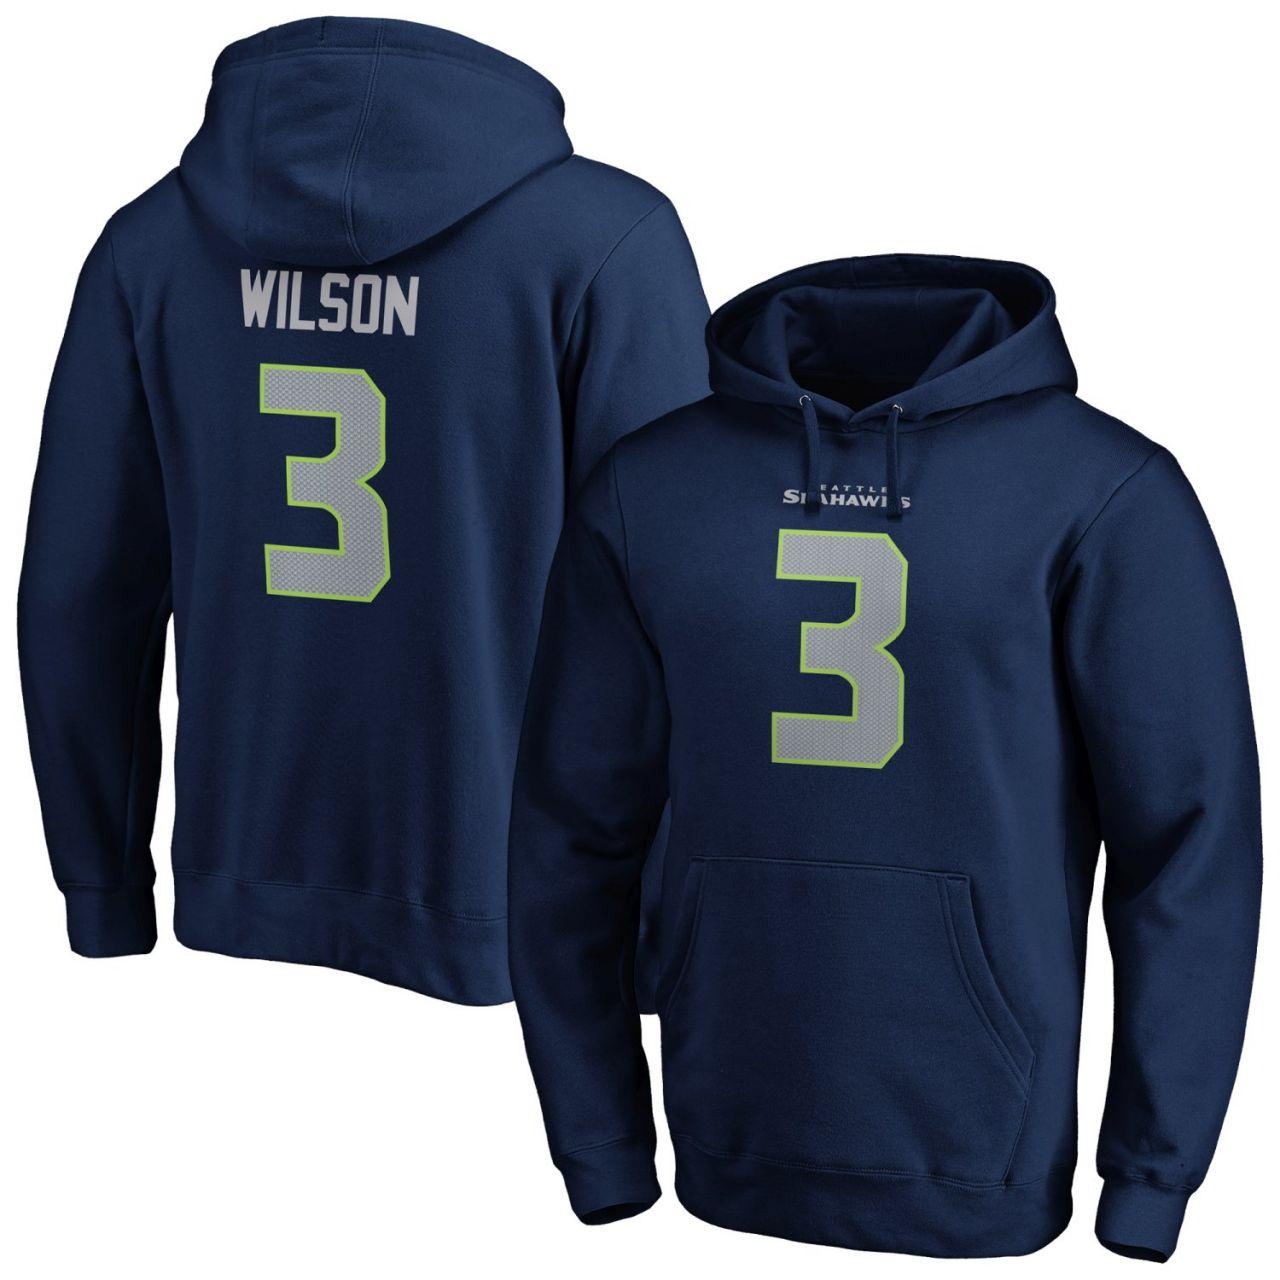 amfoo - Seattle Seahawks NFL Hoody #3 Russell Wilson